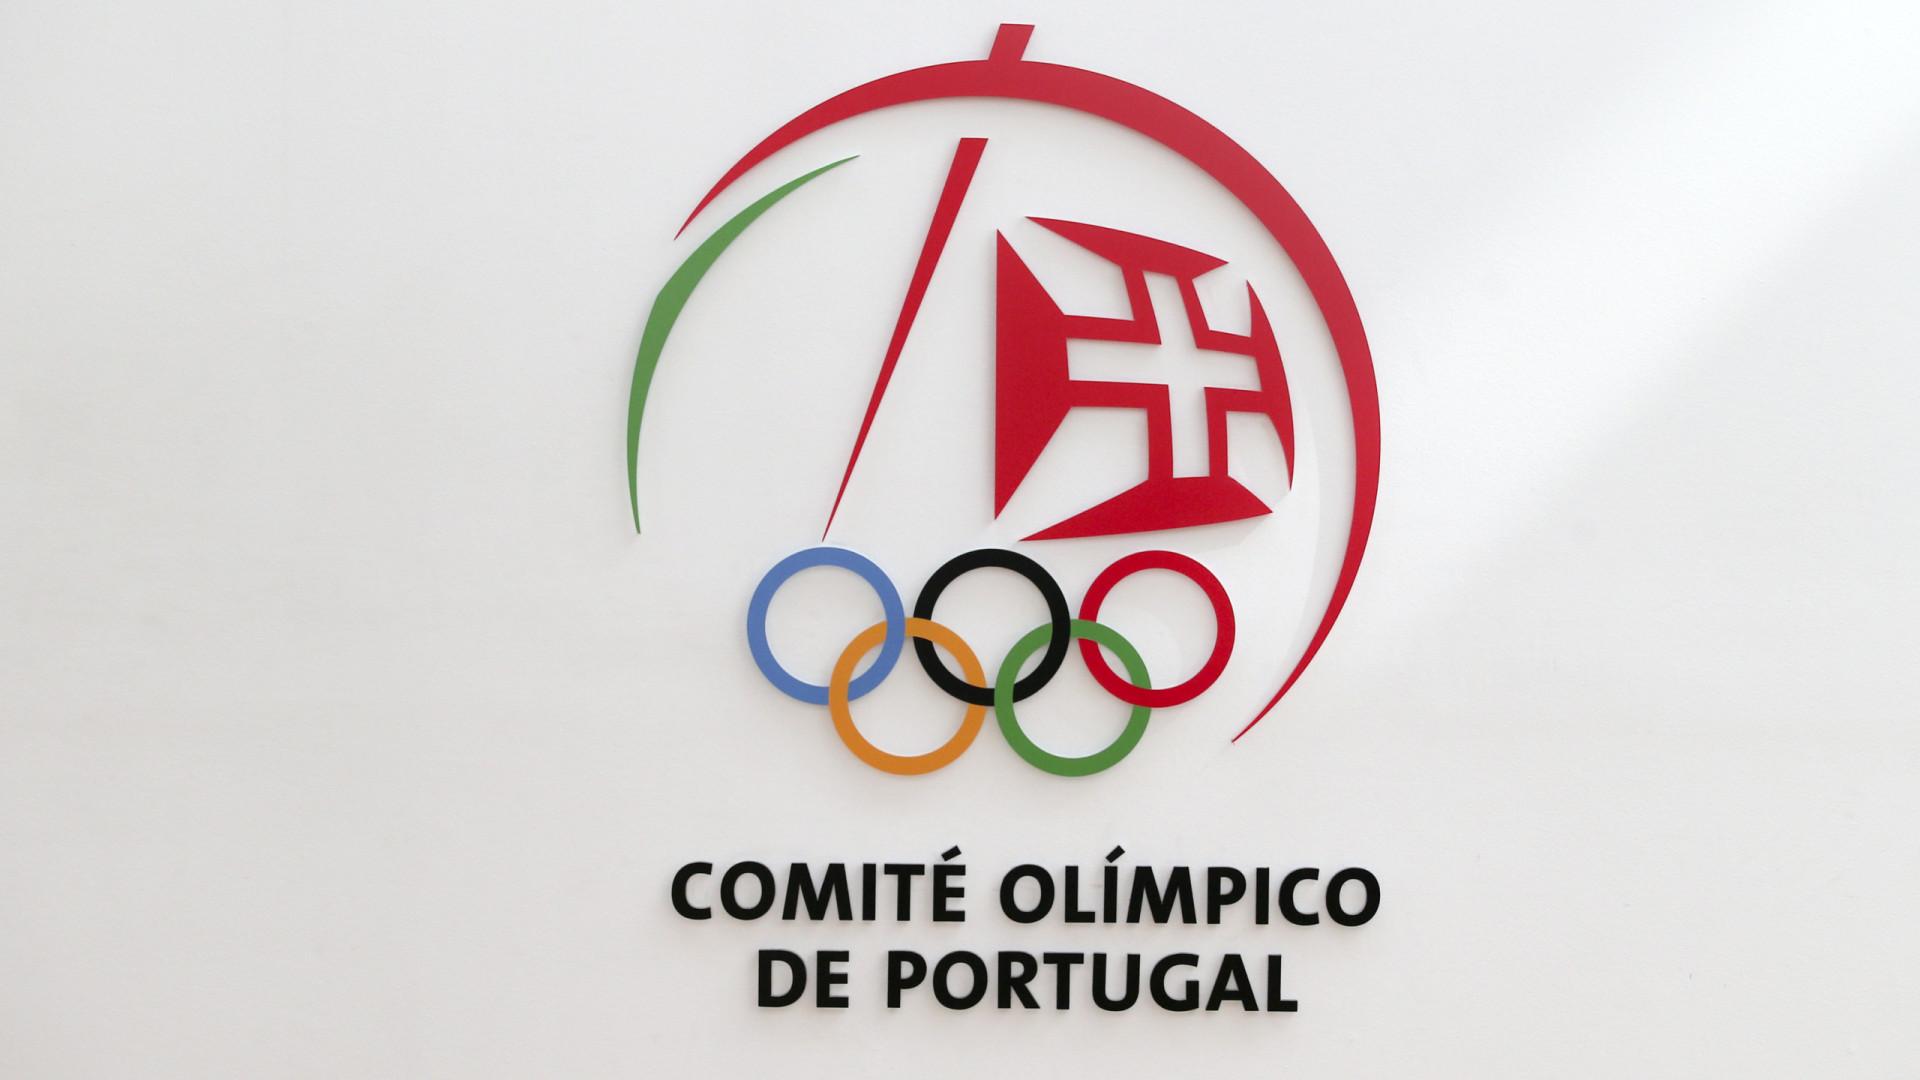 Marco Alves chefia missão portuguesa nos Jogos Olímpicos de 2020